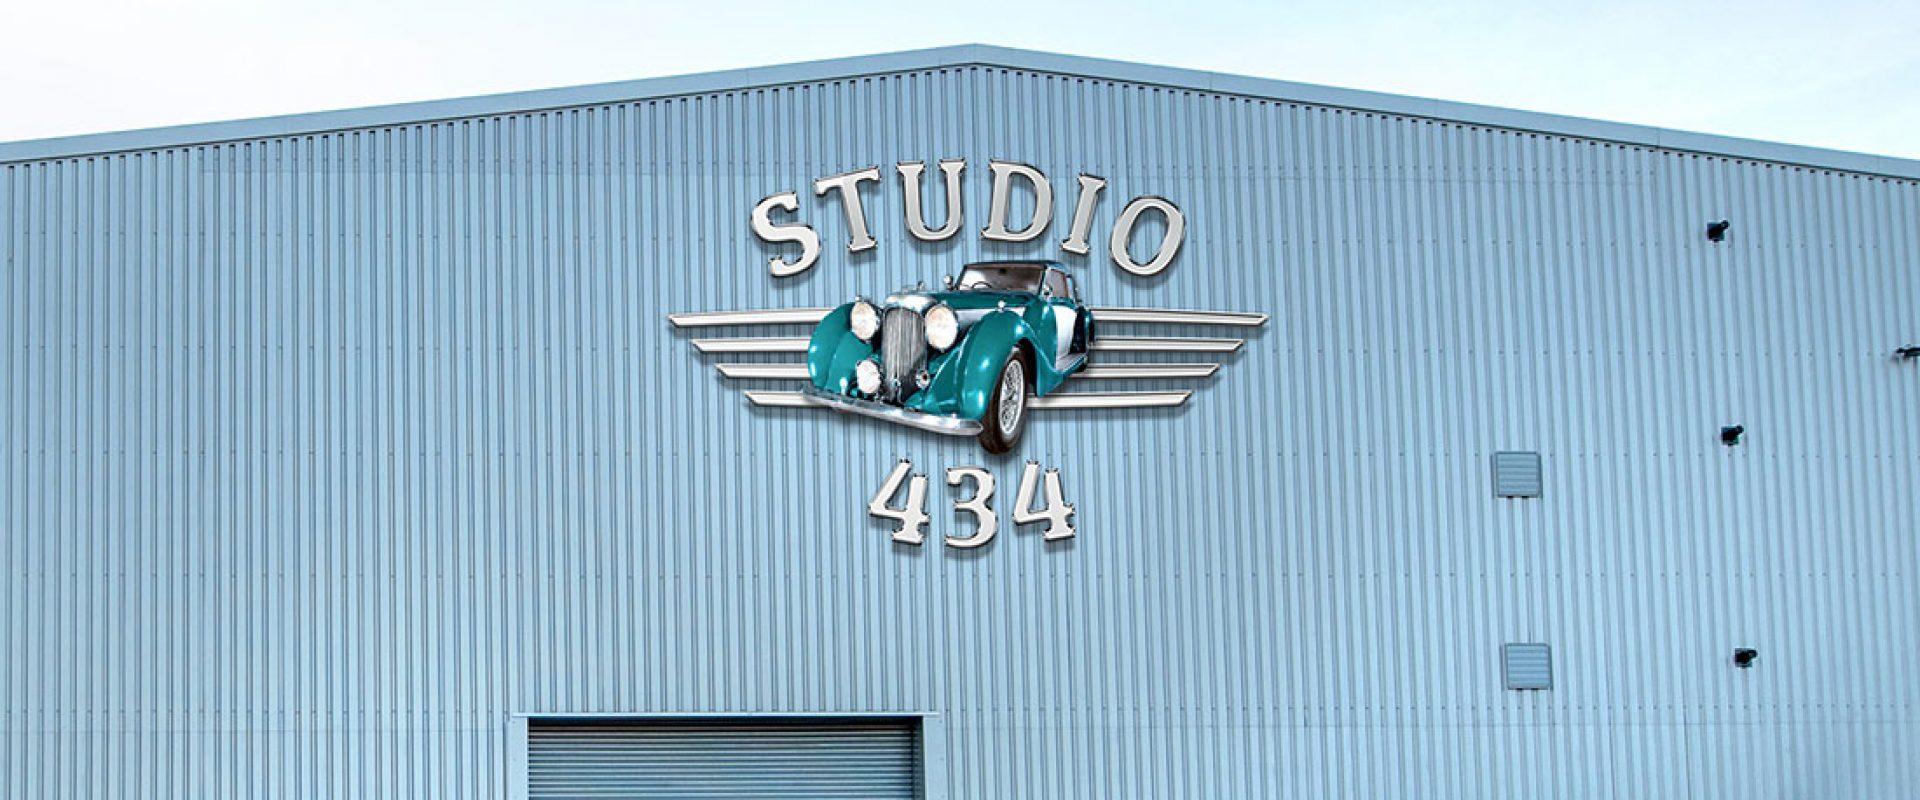 Studio434/2 photos